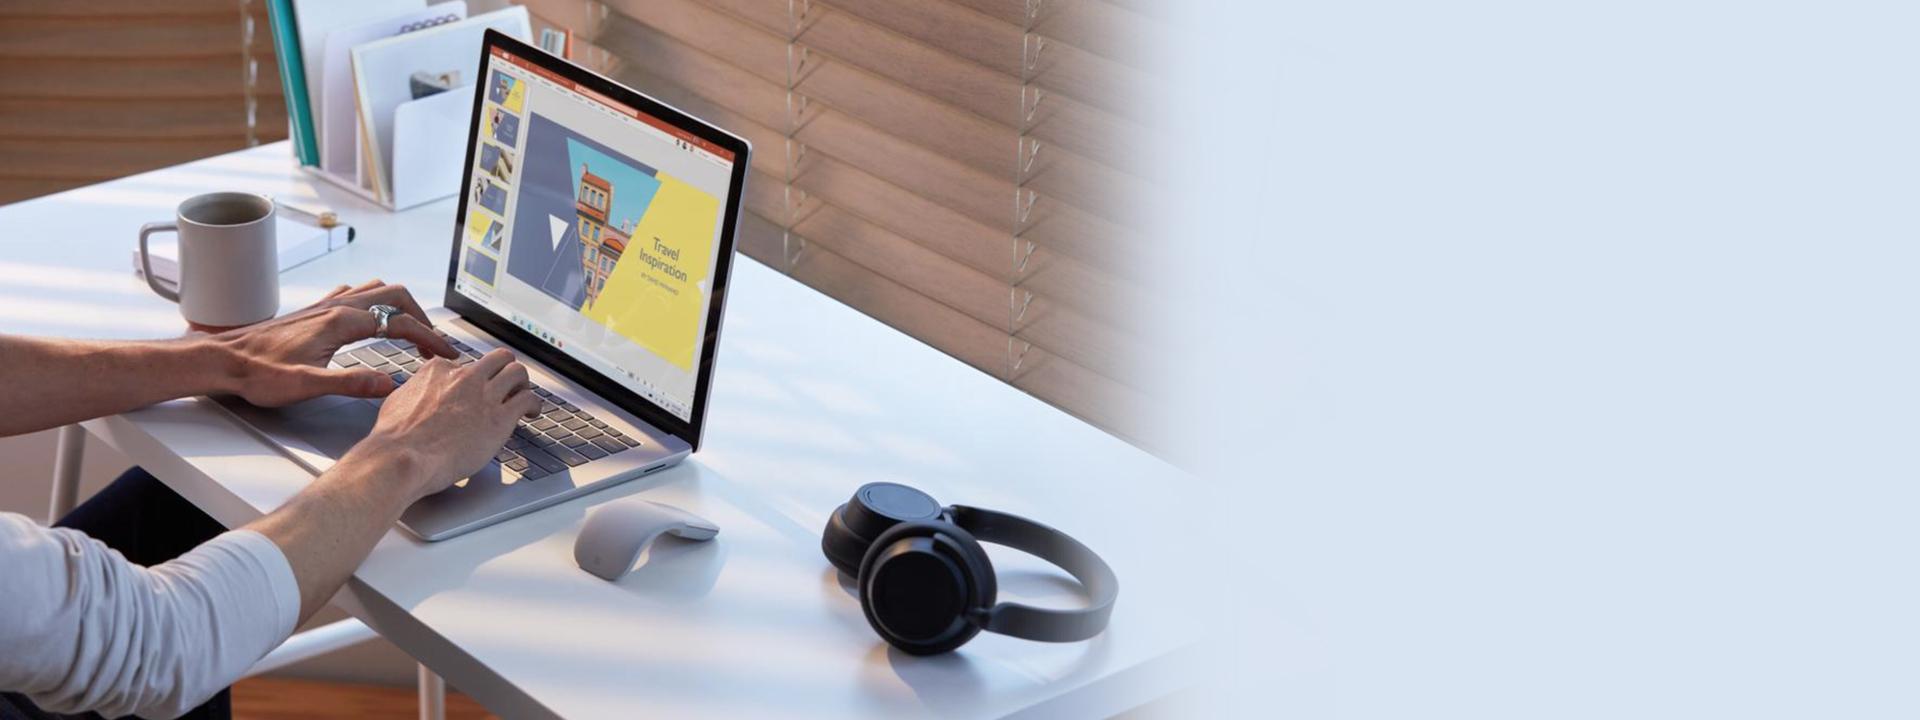 Surface Laptop 3 mit Surface Headphones auf einem Tisch